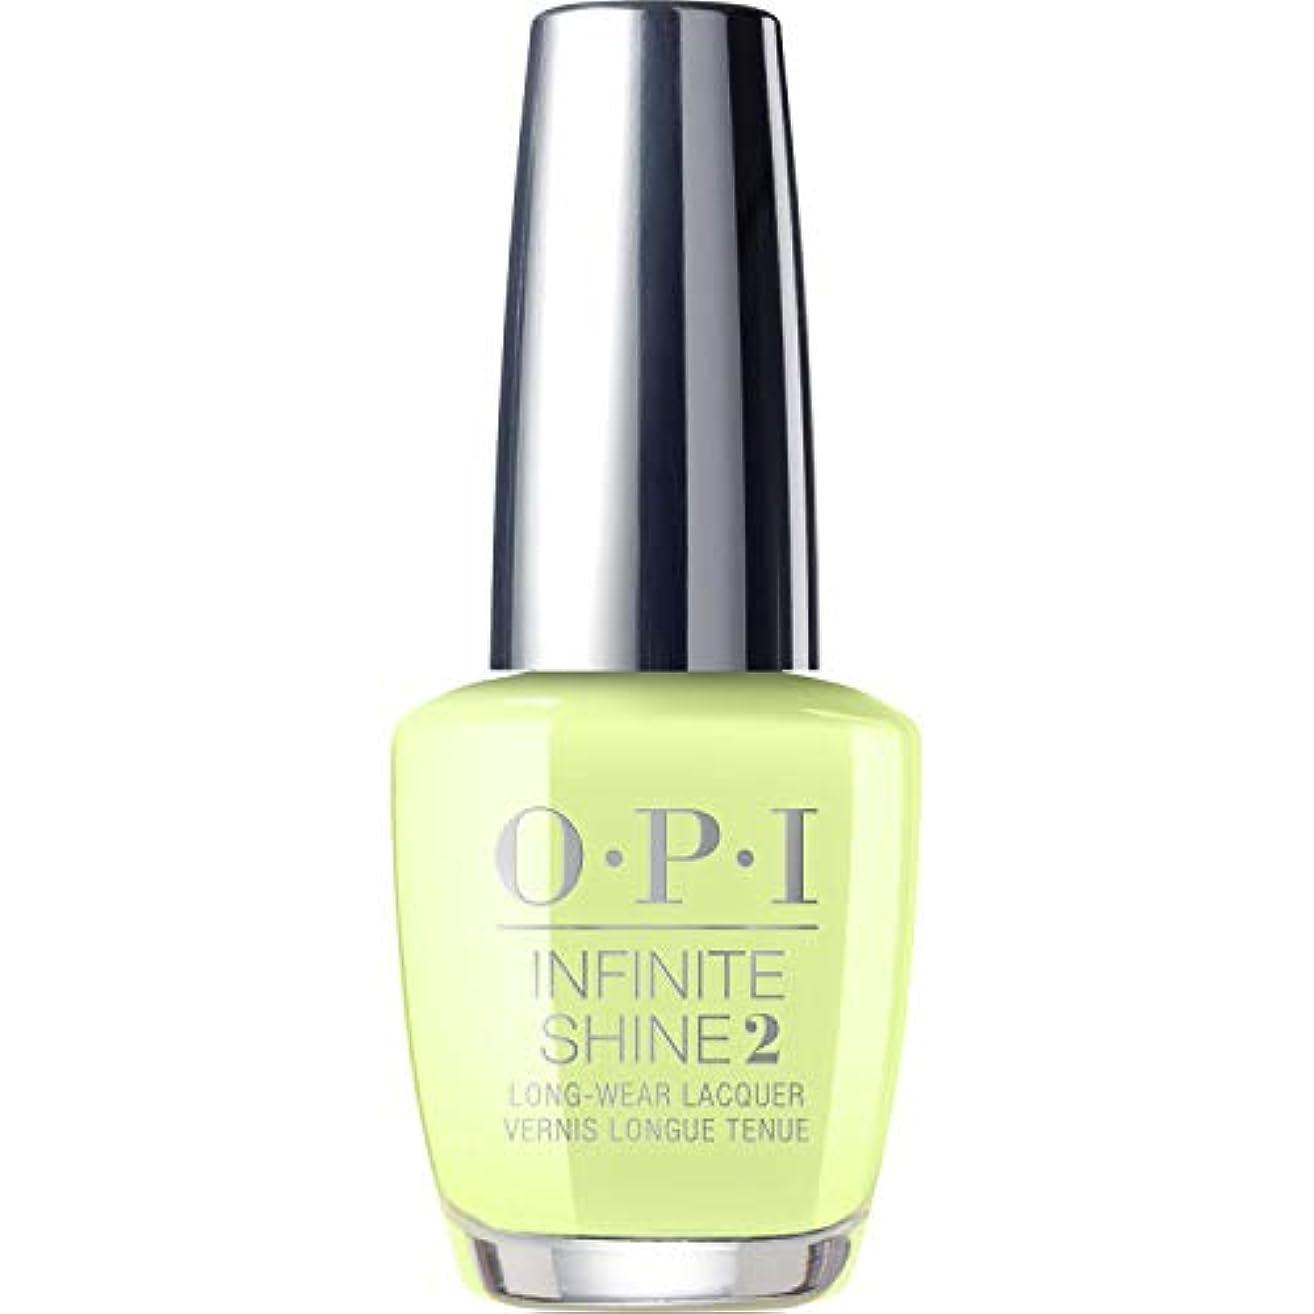 OPI(オーピーアイ) インフィニット シャイン ISLT86 ハウ ダズ ユア ゼン ガーデン グロー?